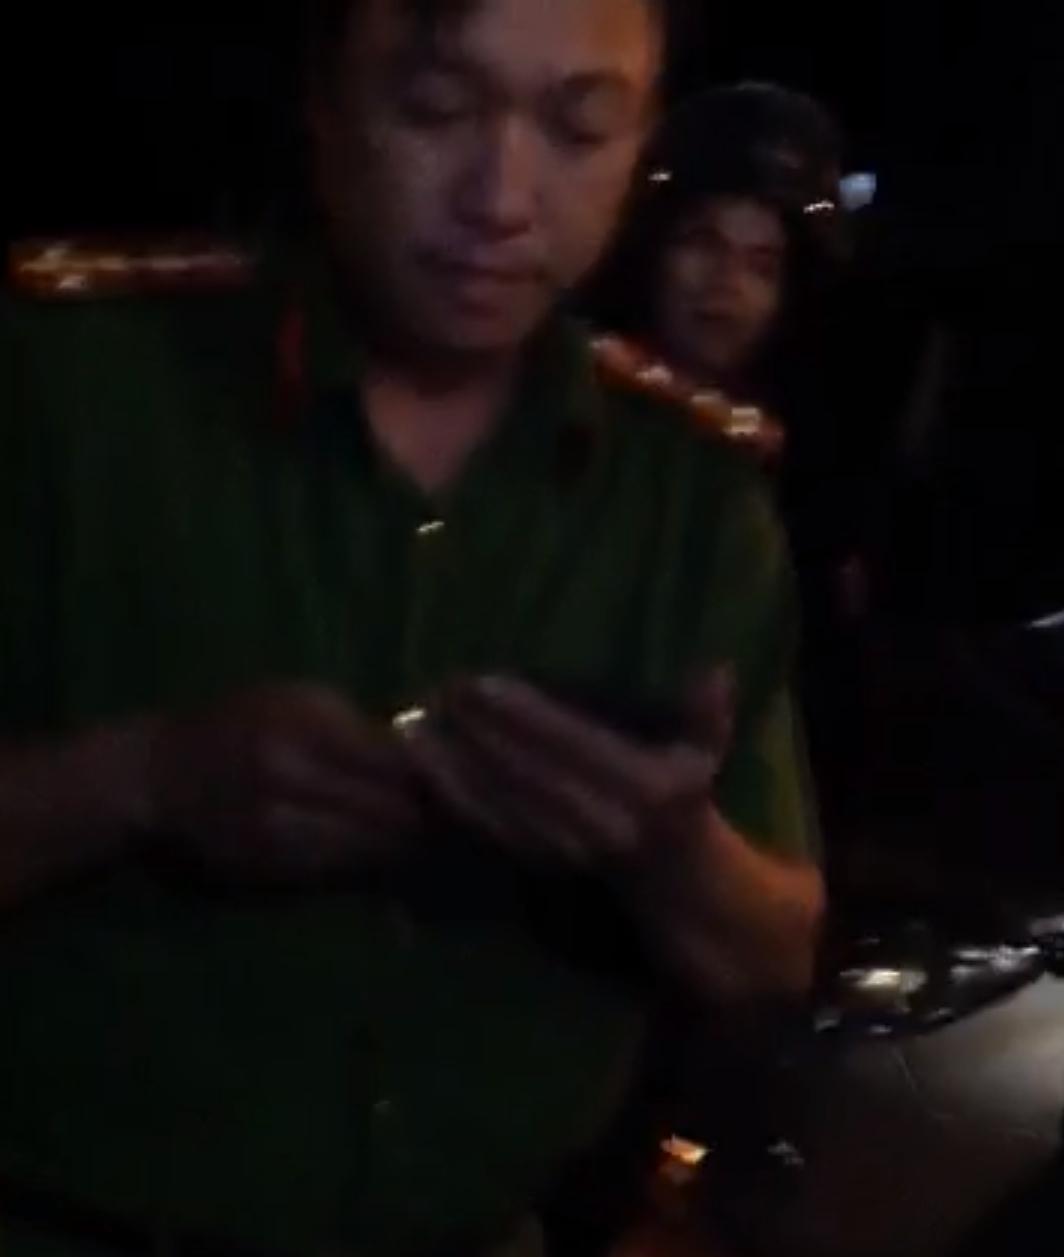 Đại úy Phạm Quốc Hưng xuất hiện trước cửa nhà bà Nguyễn Thị Hòa chiều tối 30/10/2018.